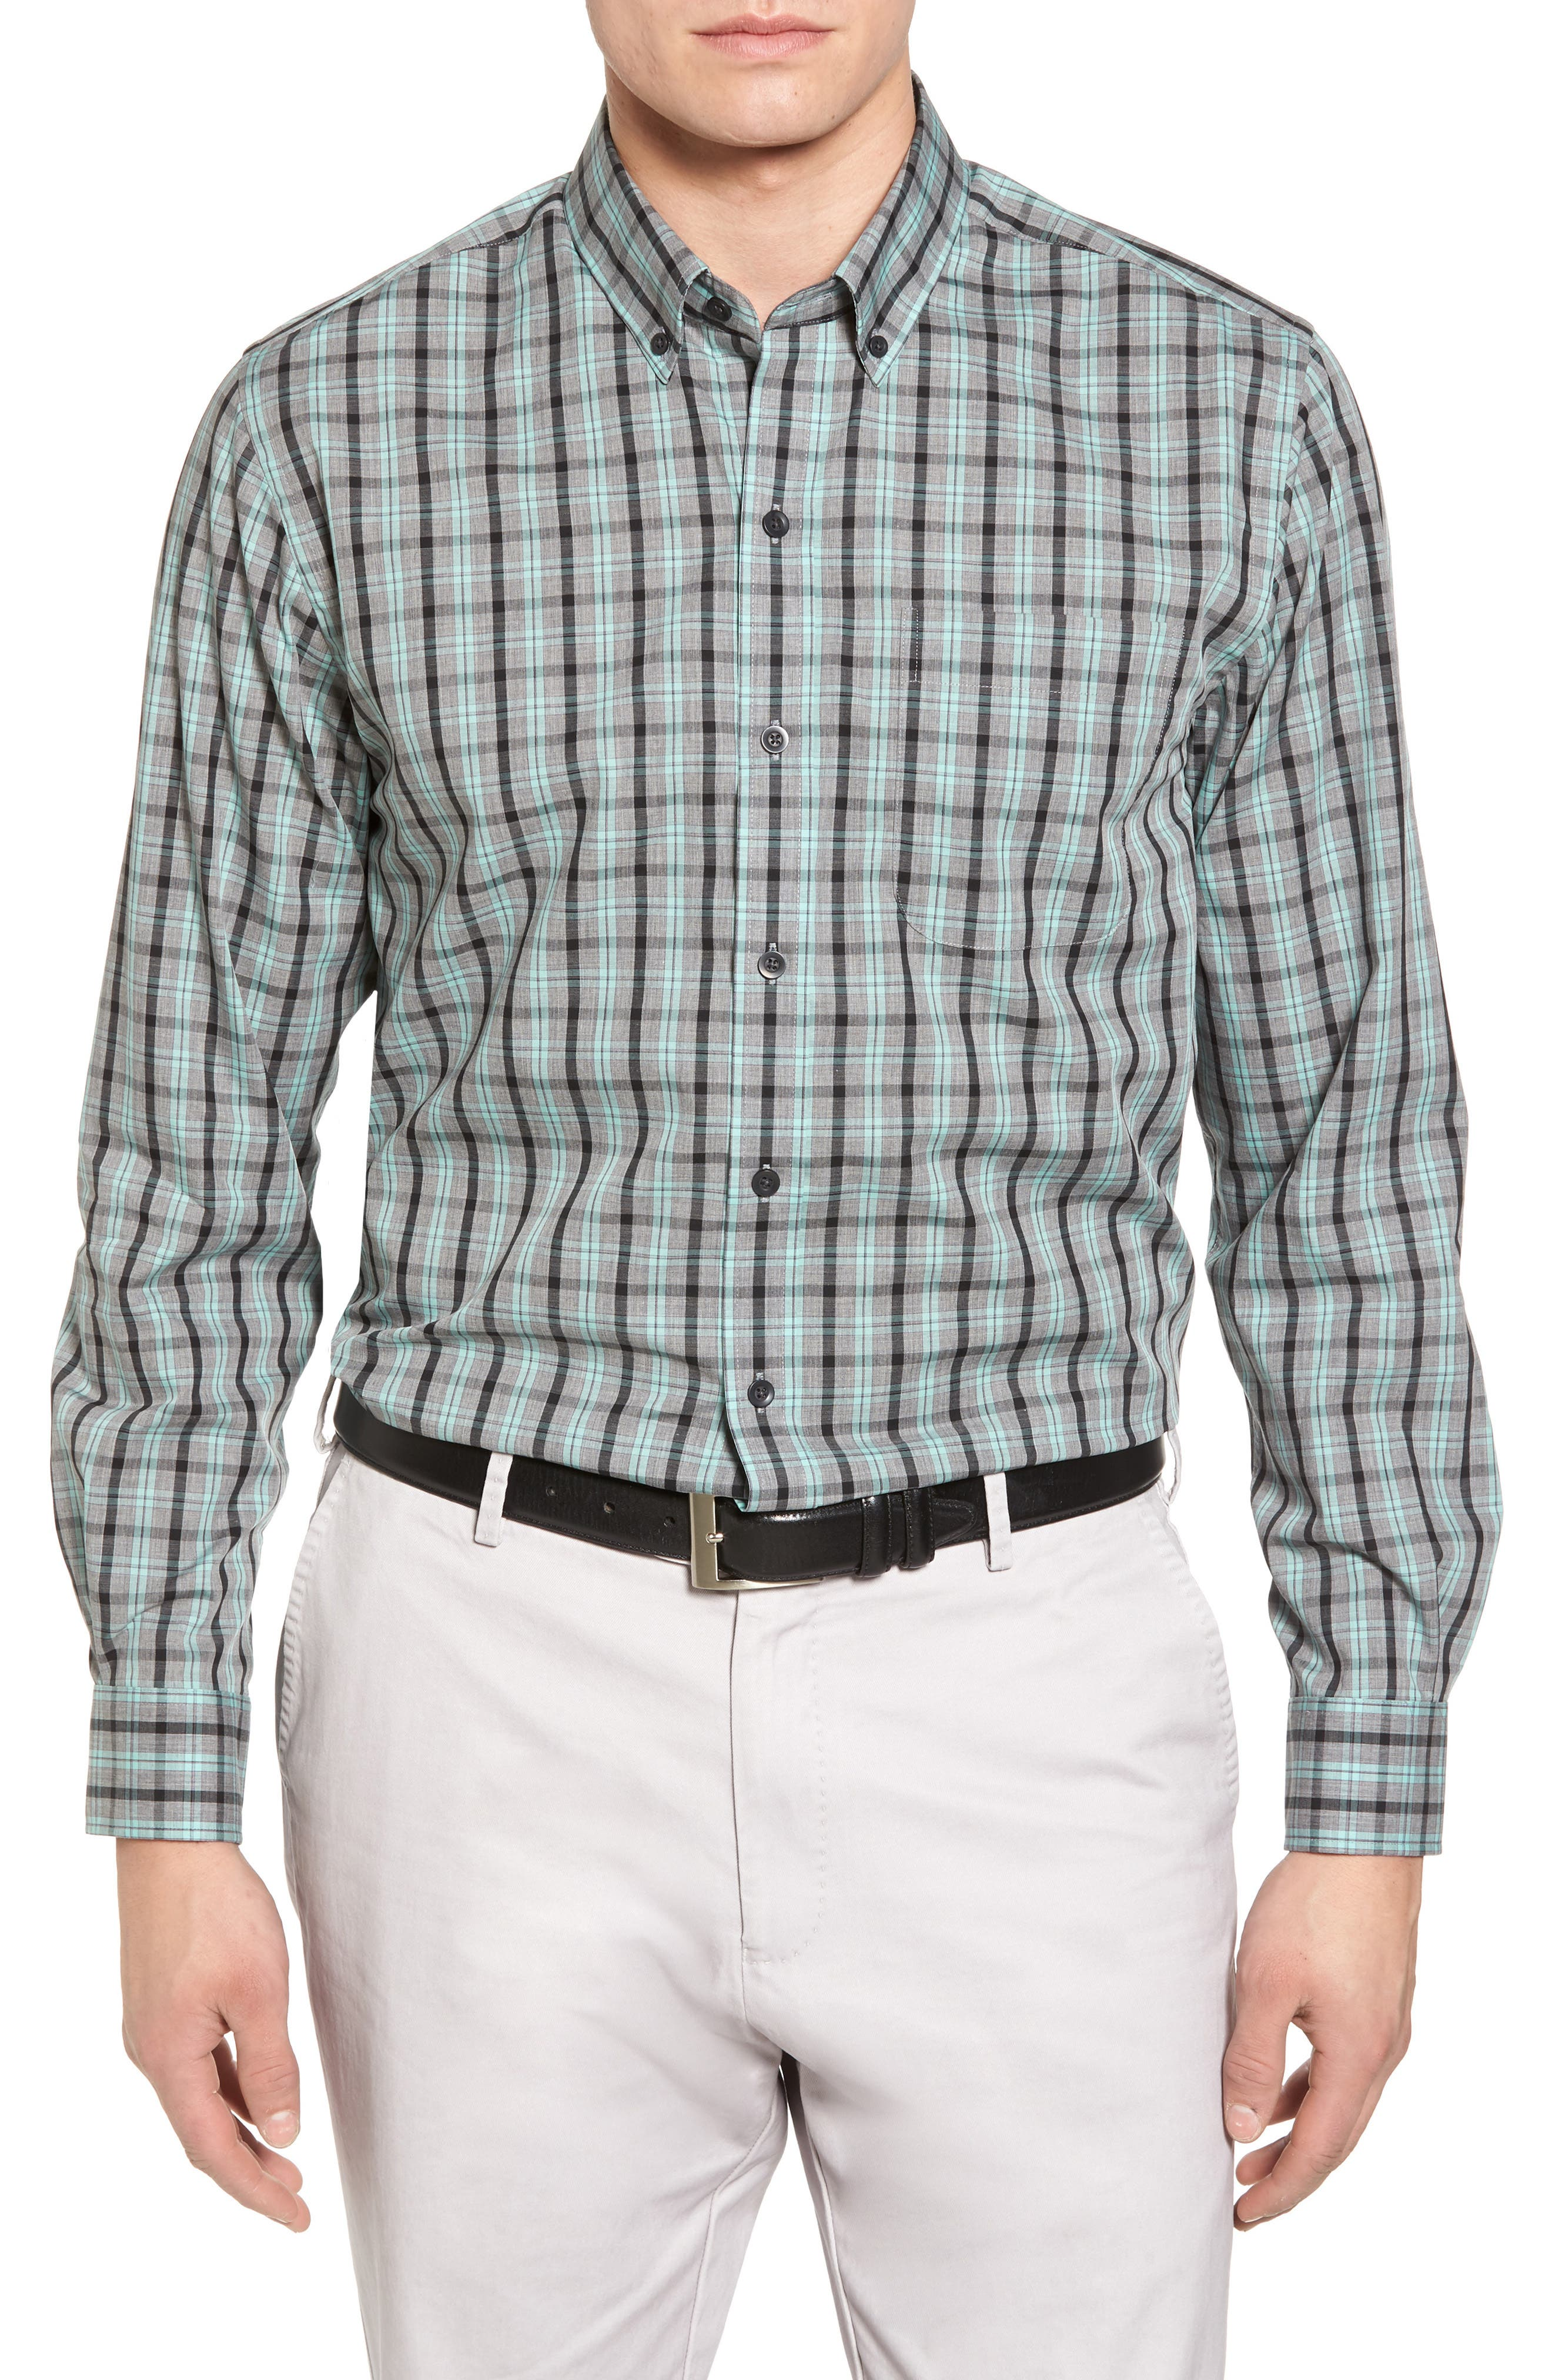 Davis Non-Iron Plaid Sport Shirt,                         Main,                         color, Aquastone